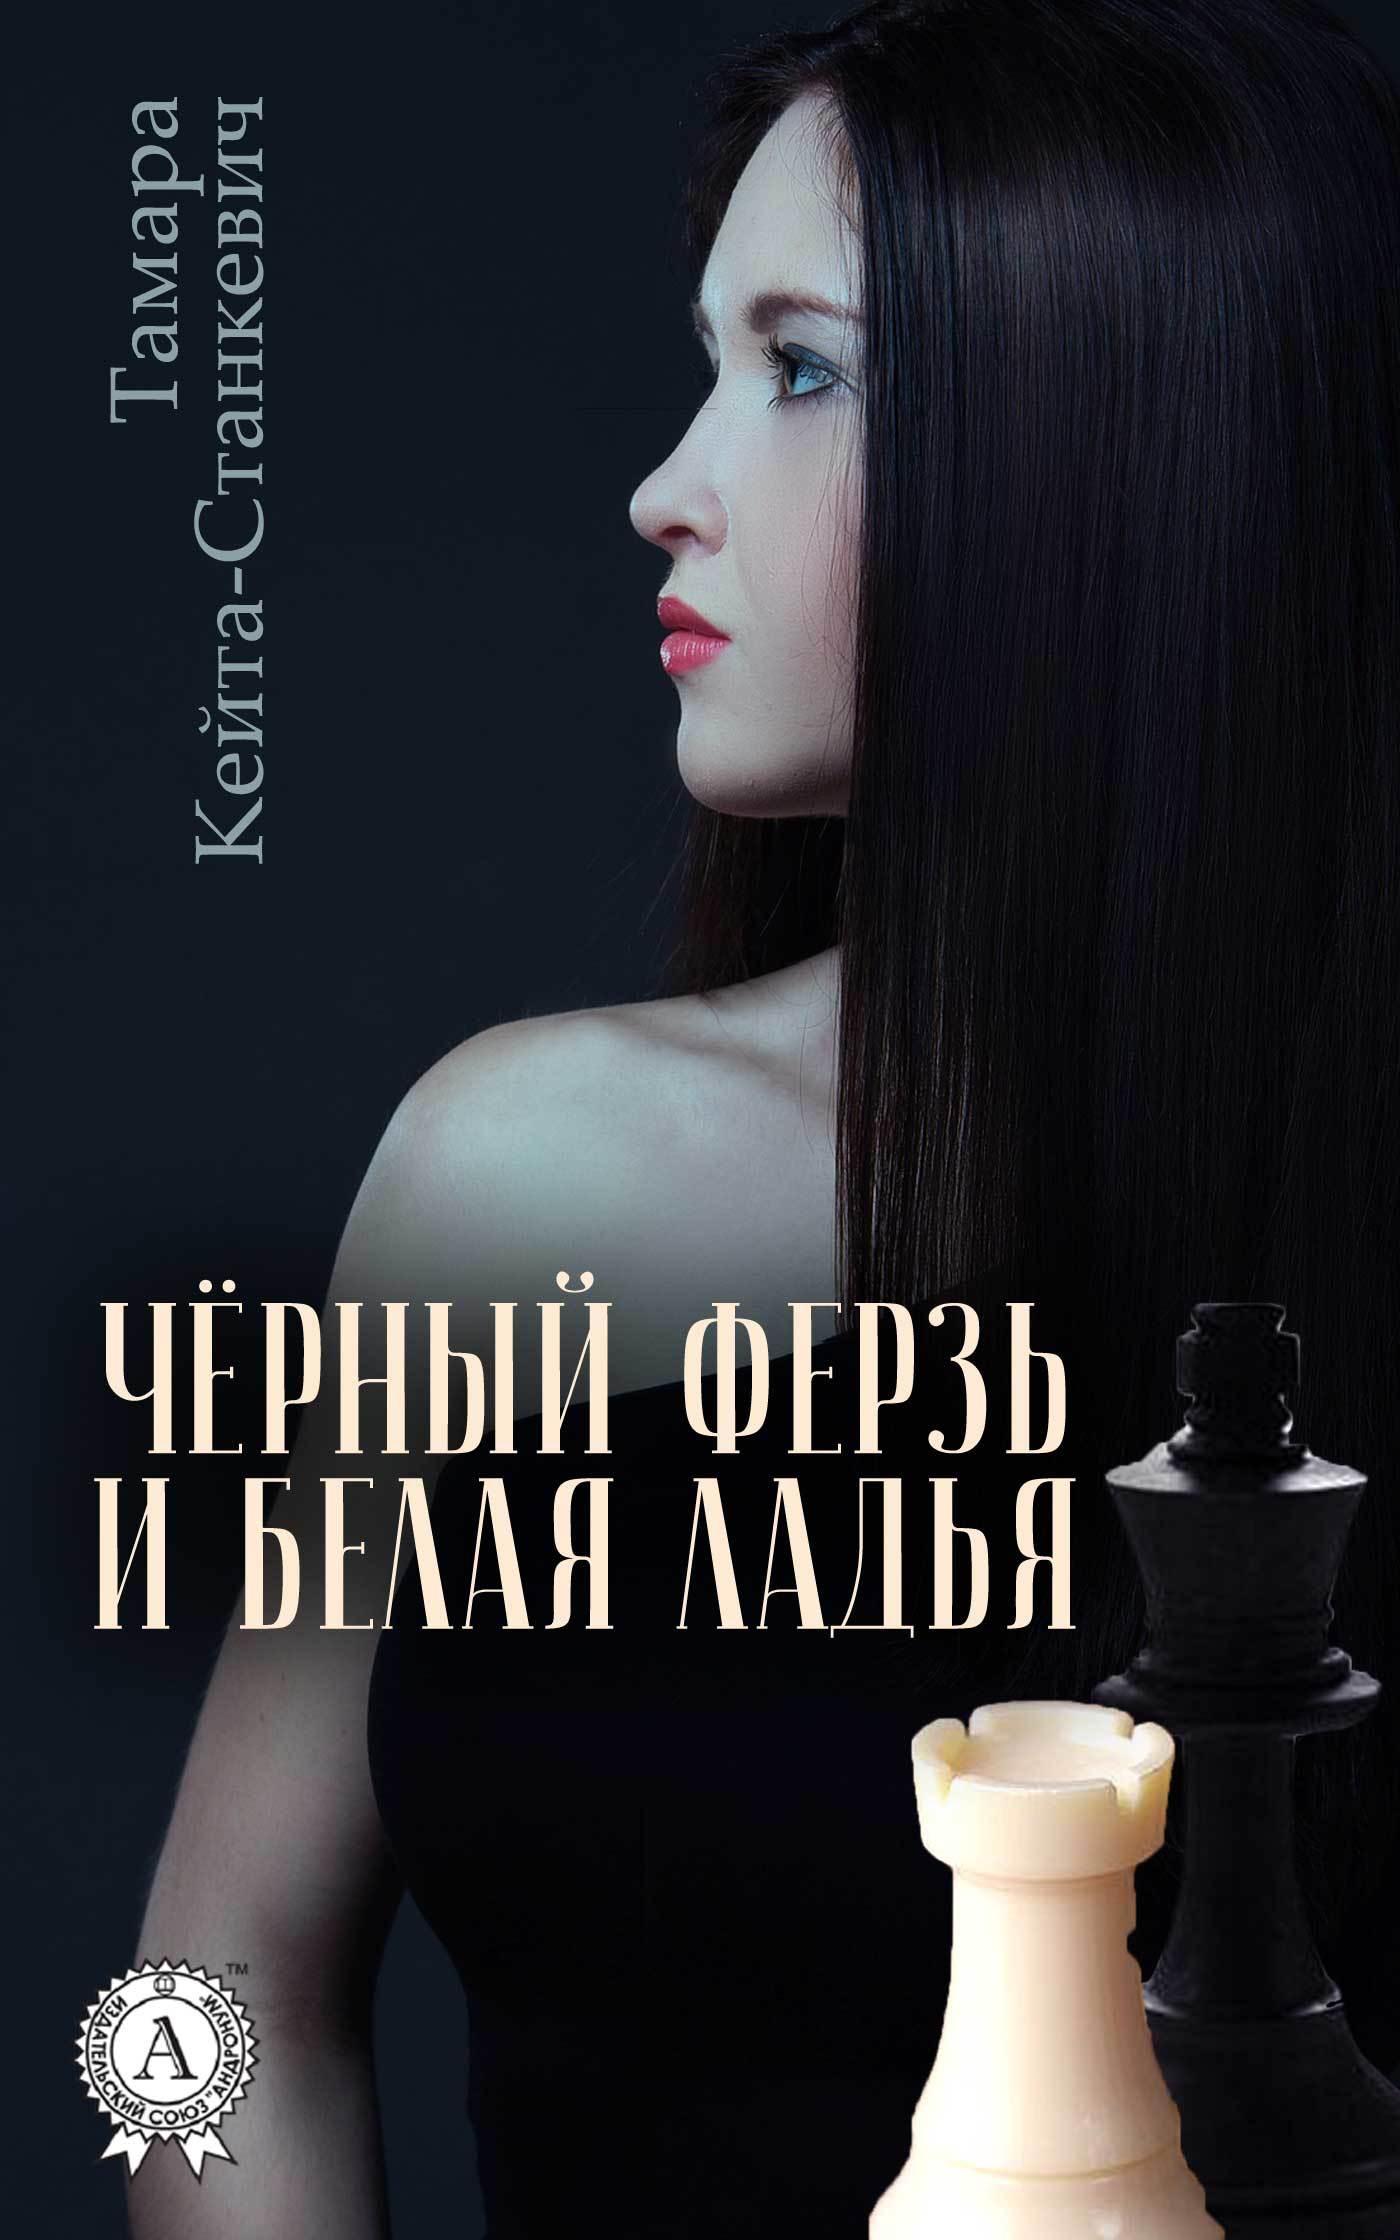 Тамара Кейта-Станкевич Чёрный ферзь и белая ладья добрусин в сожженные письма повесть безумной любви